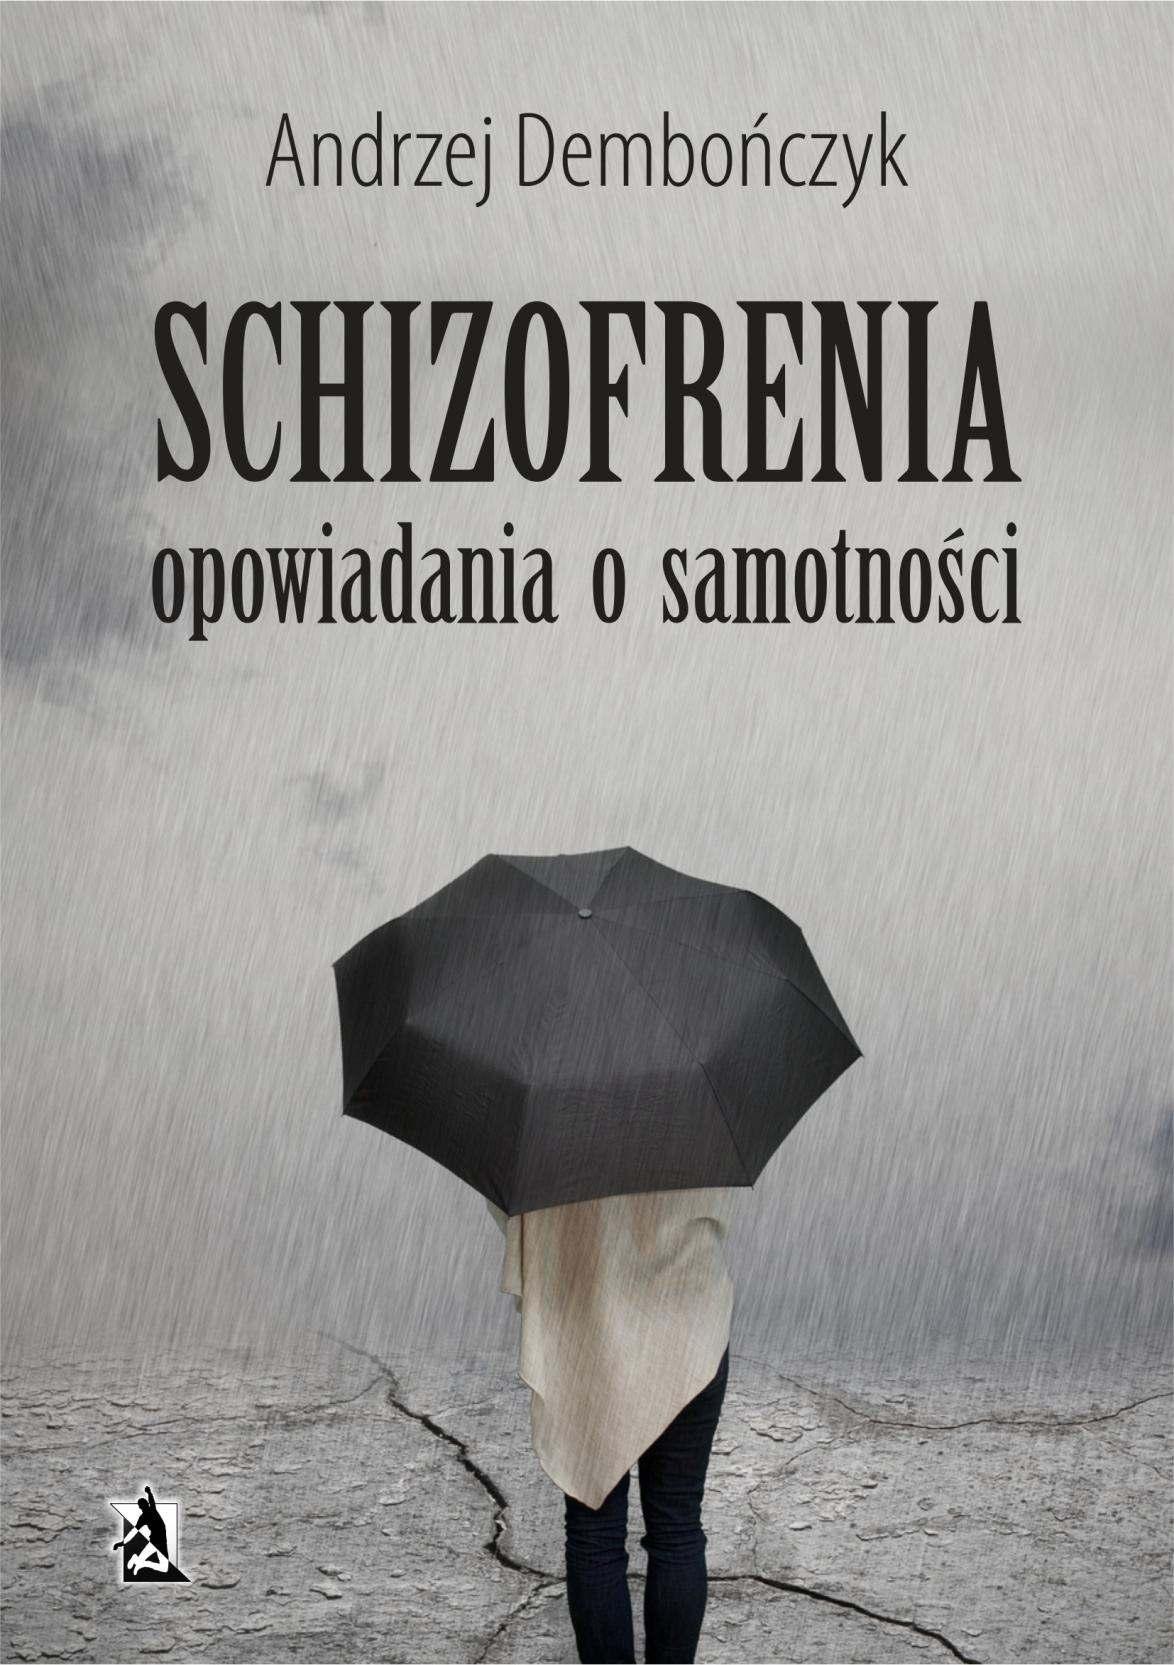 SCHIZOFRENIA opowiadania o samotności - Ebook (Książka na Kindle) do pobrania w formacie MOBI